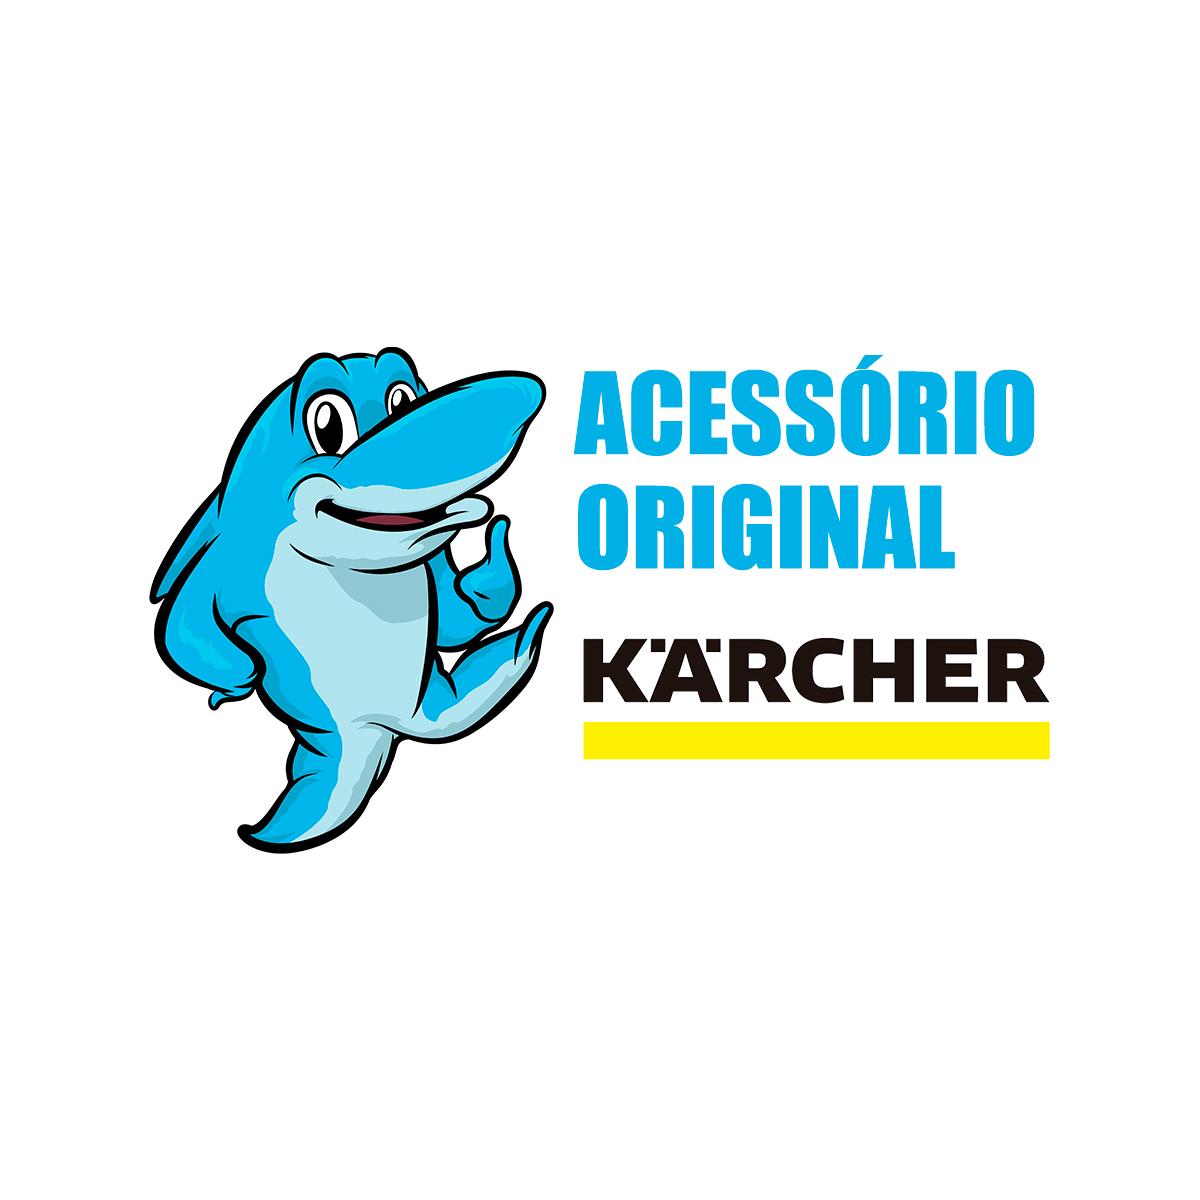 Bico turbo para Lavadora de Alta Pressão Karcher HD585 (220V), HD6/13, HD6/15, HD7/13, HD10/25 040 Original